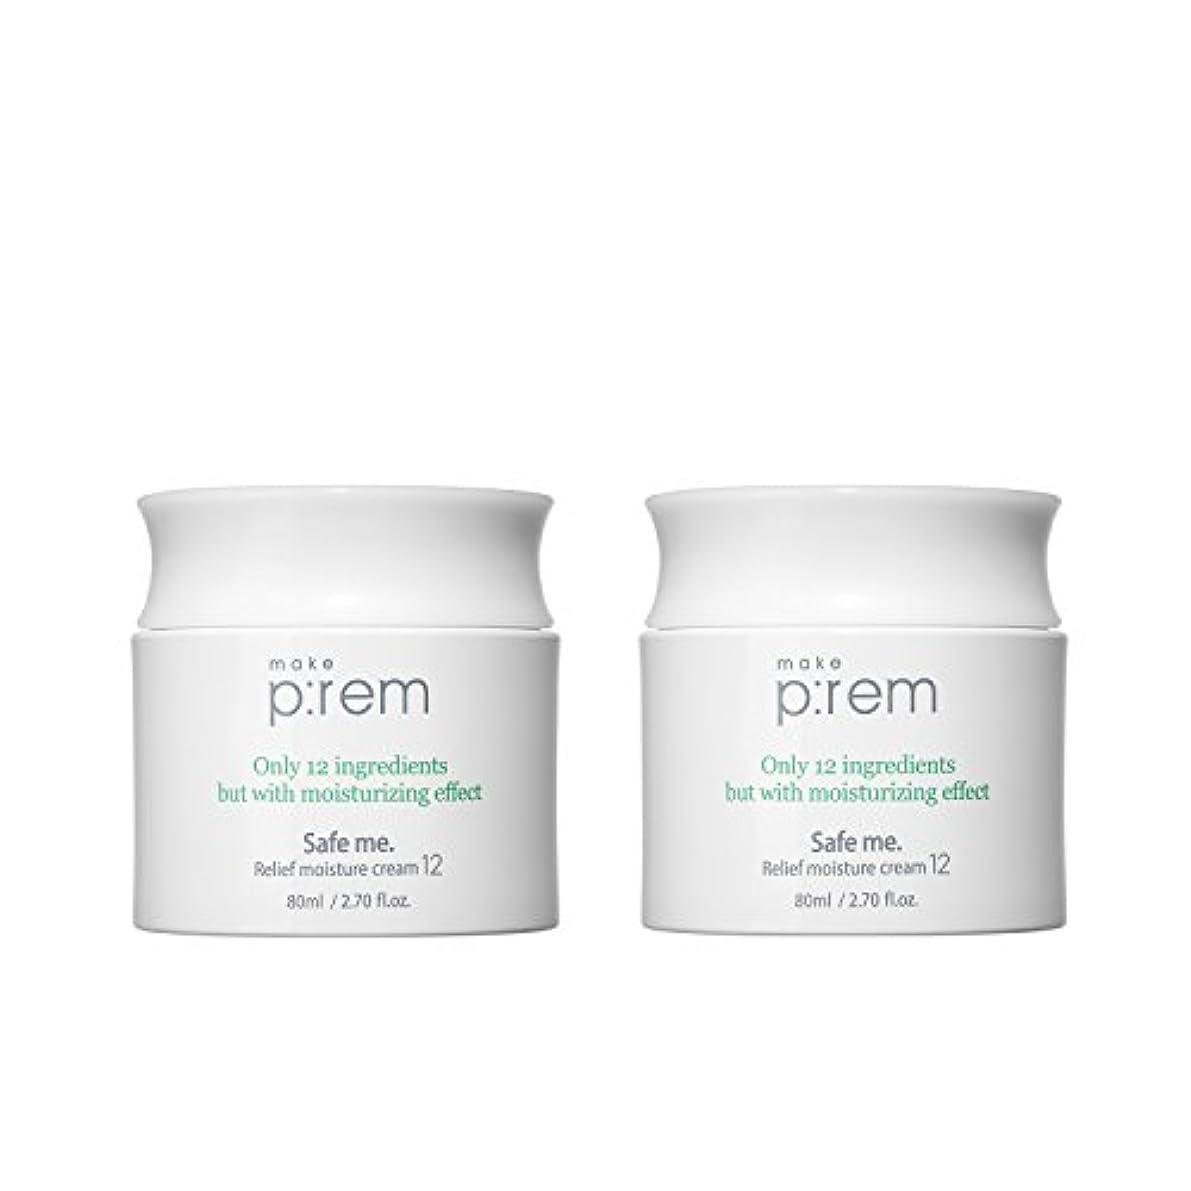 メンダシティ常習者クーポン(2個セット) x [MAKE P:REM] メイクプレム セーフミ?リリーフモイスチャークリーム12 80ml / Safe me. Relief moisture Cream 12 80ml / / 韓国製 . 海外直送品